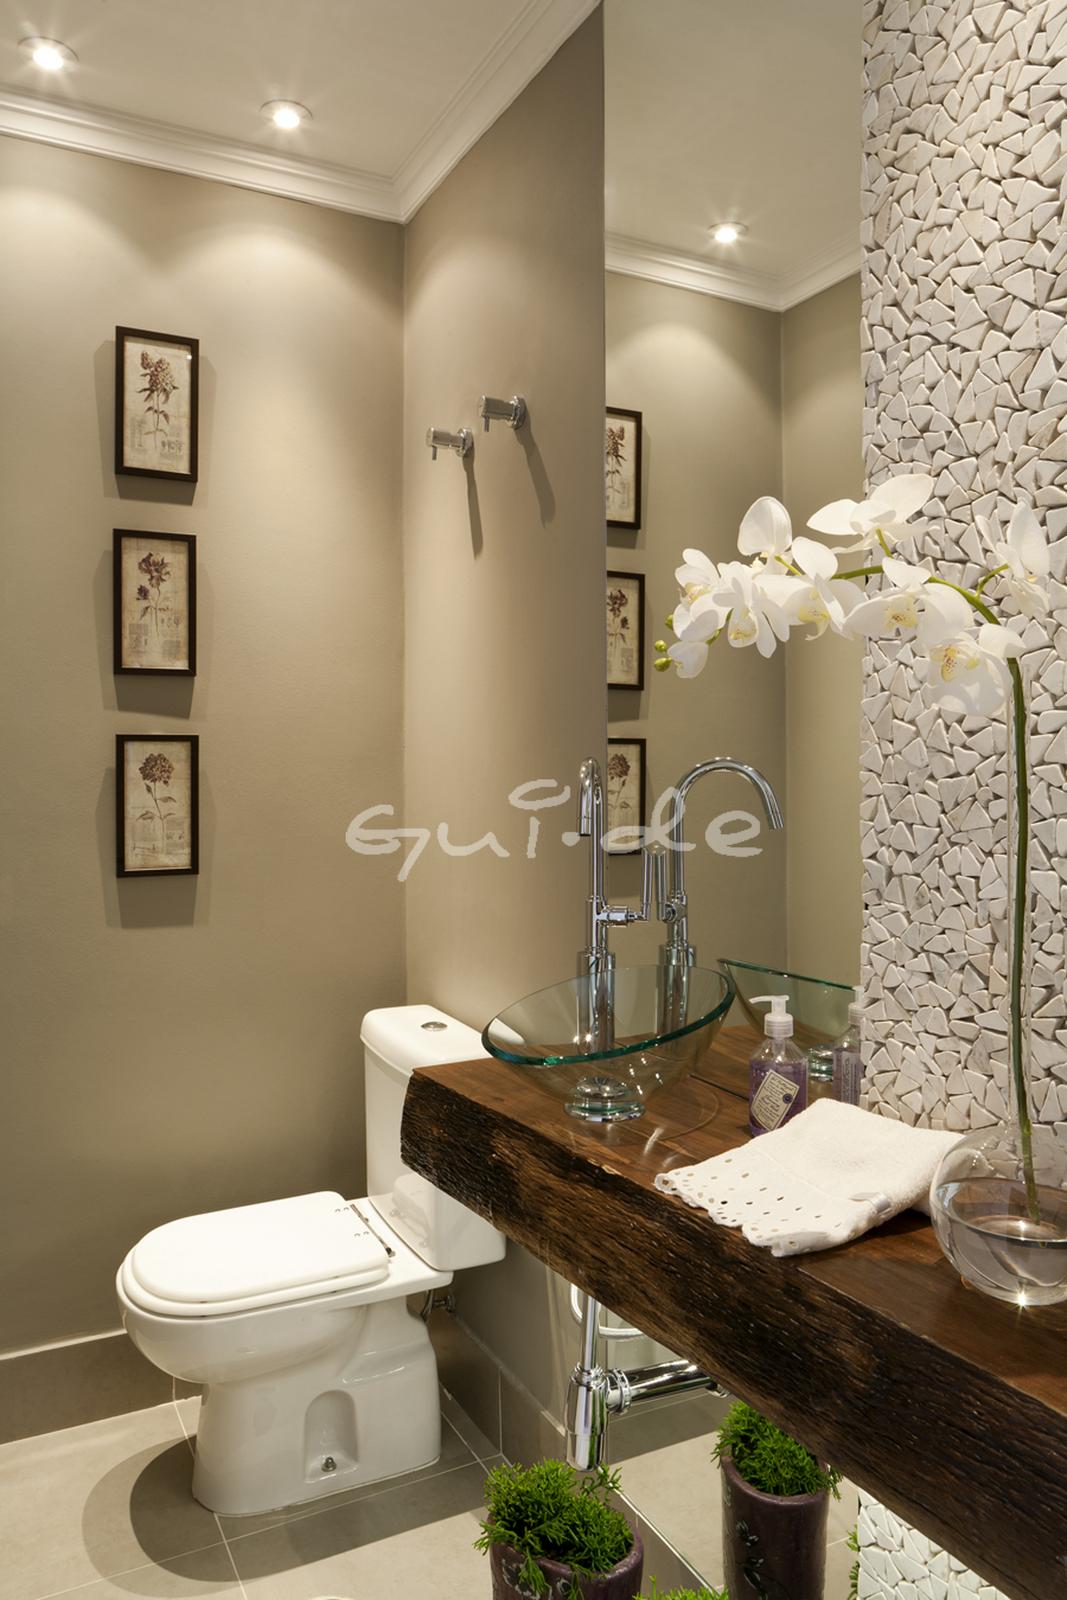 lavabo é ampliado com um espelho que vai do teto ao chão #4B5D15 1067x1600 Banheiro Azulejo Ate O Teto